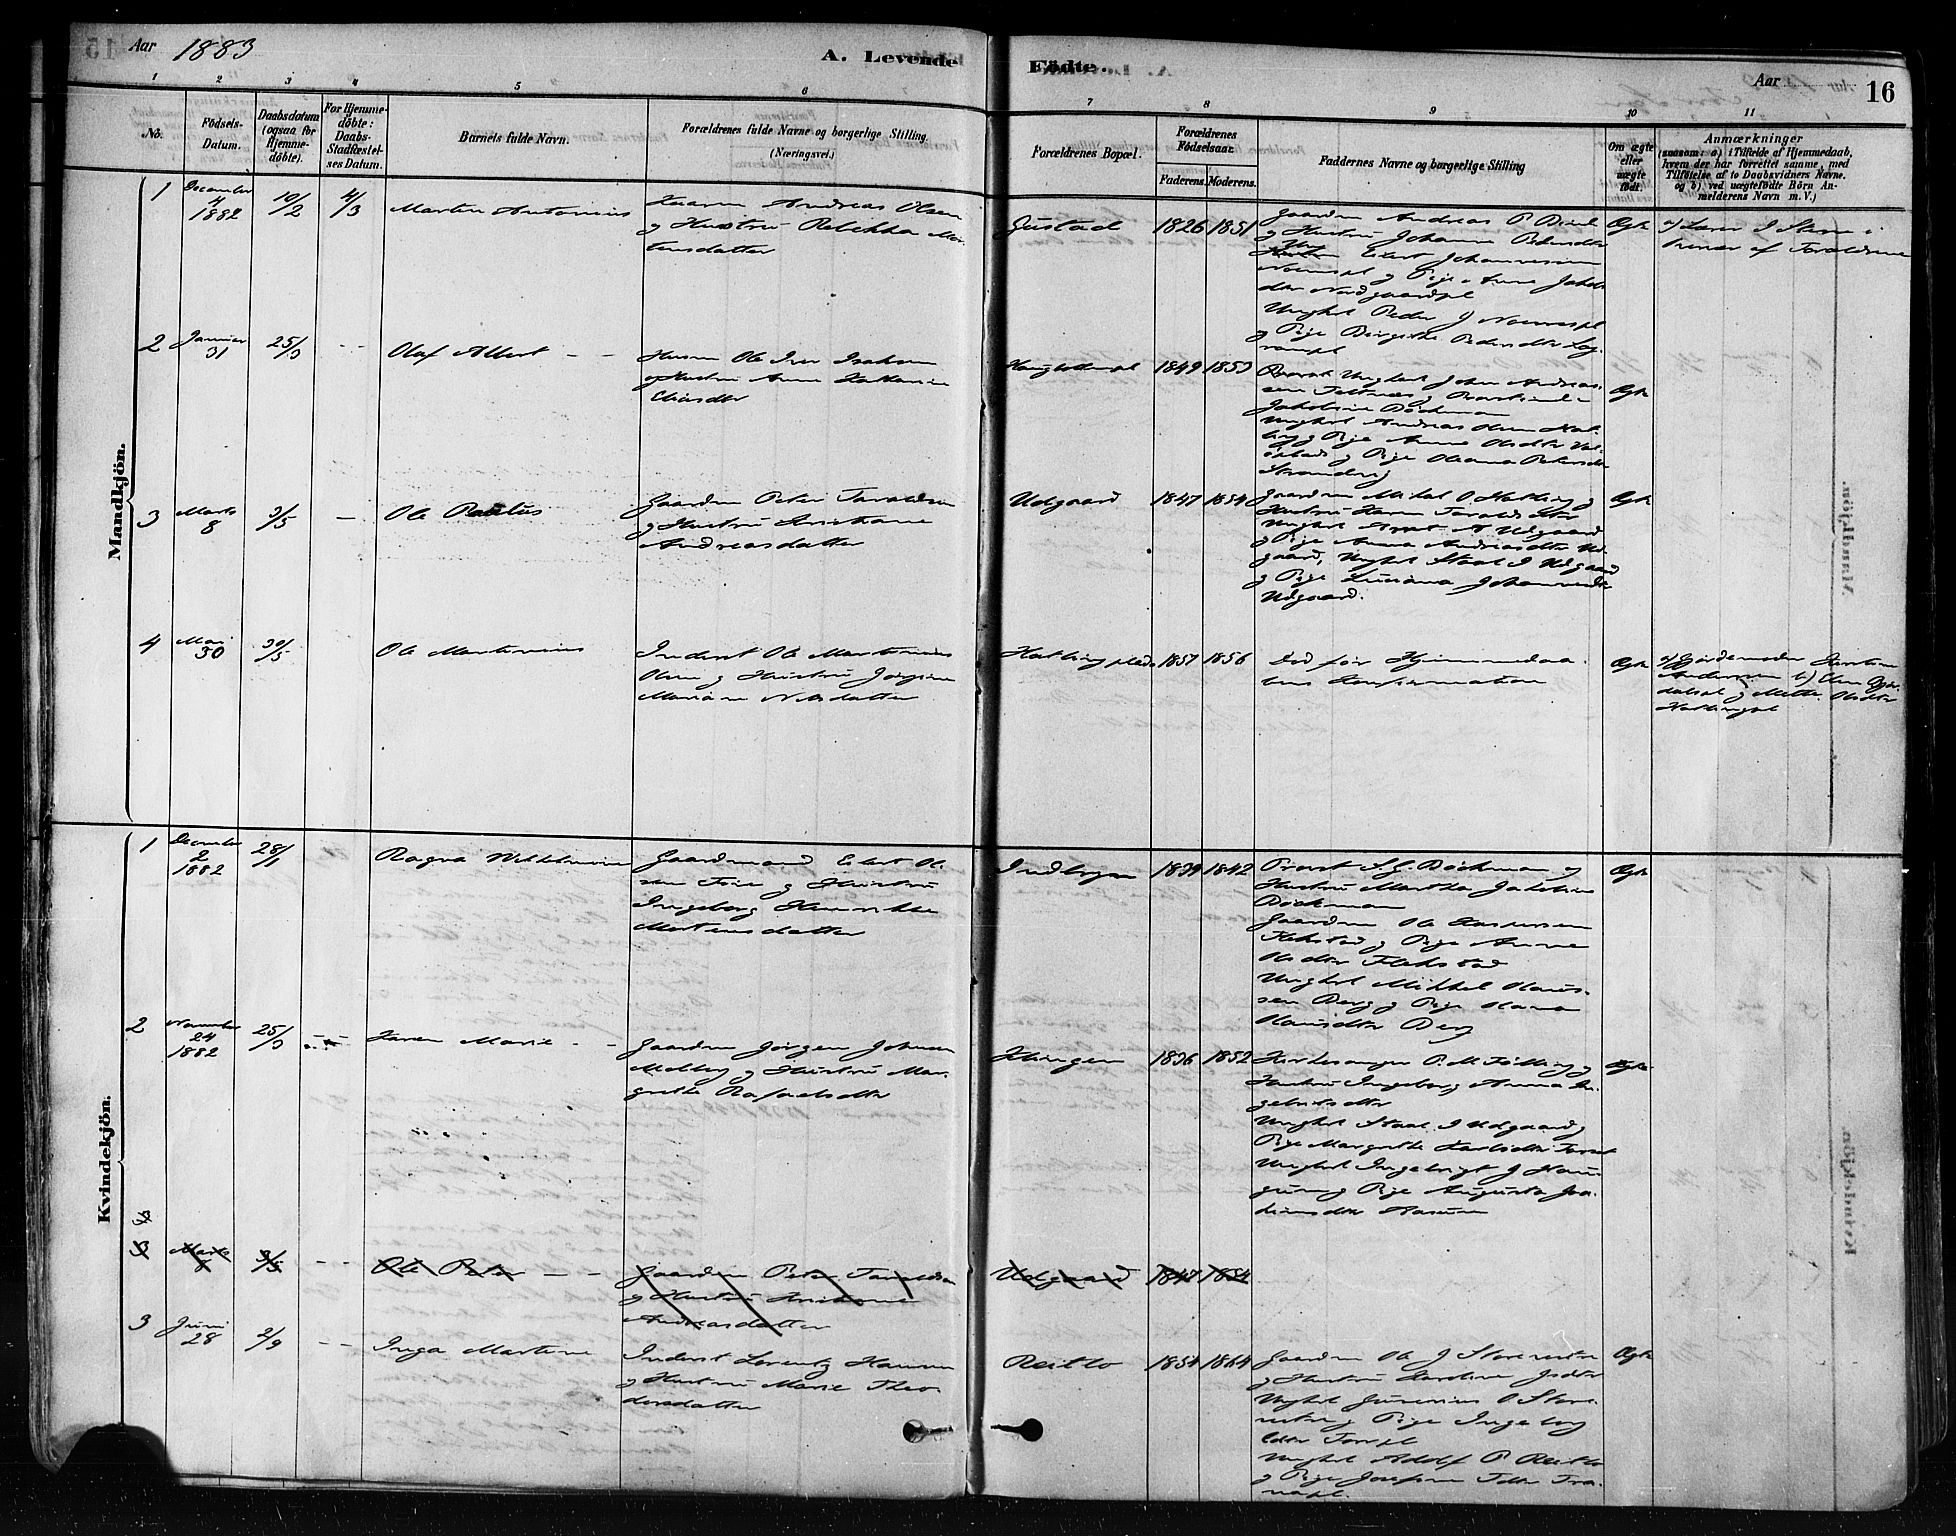 SAT, Ministerialprotokoller, klokkerbøker og fødselsregistre - Nord-Trøndelag, 746/L0448: Ministerialbok nr. 746A07 /1, 1878-1900, s. 16